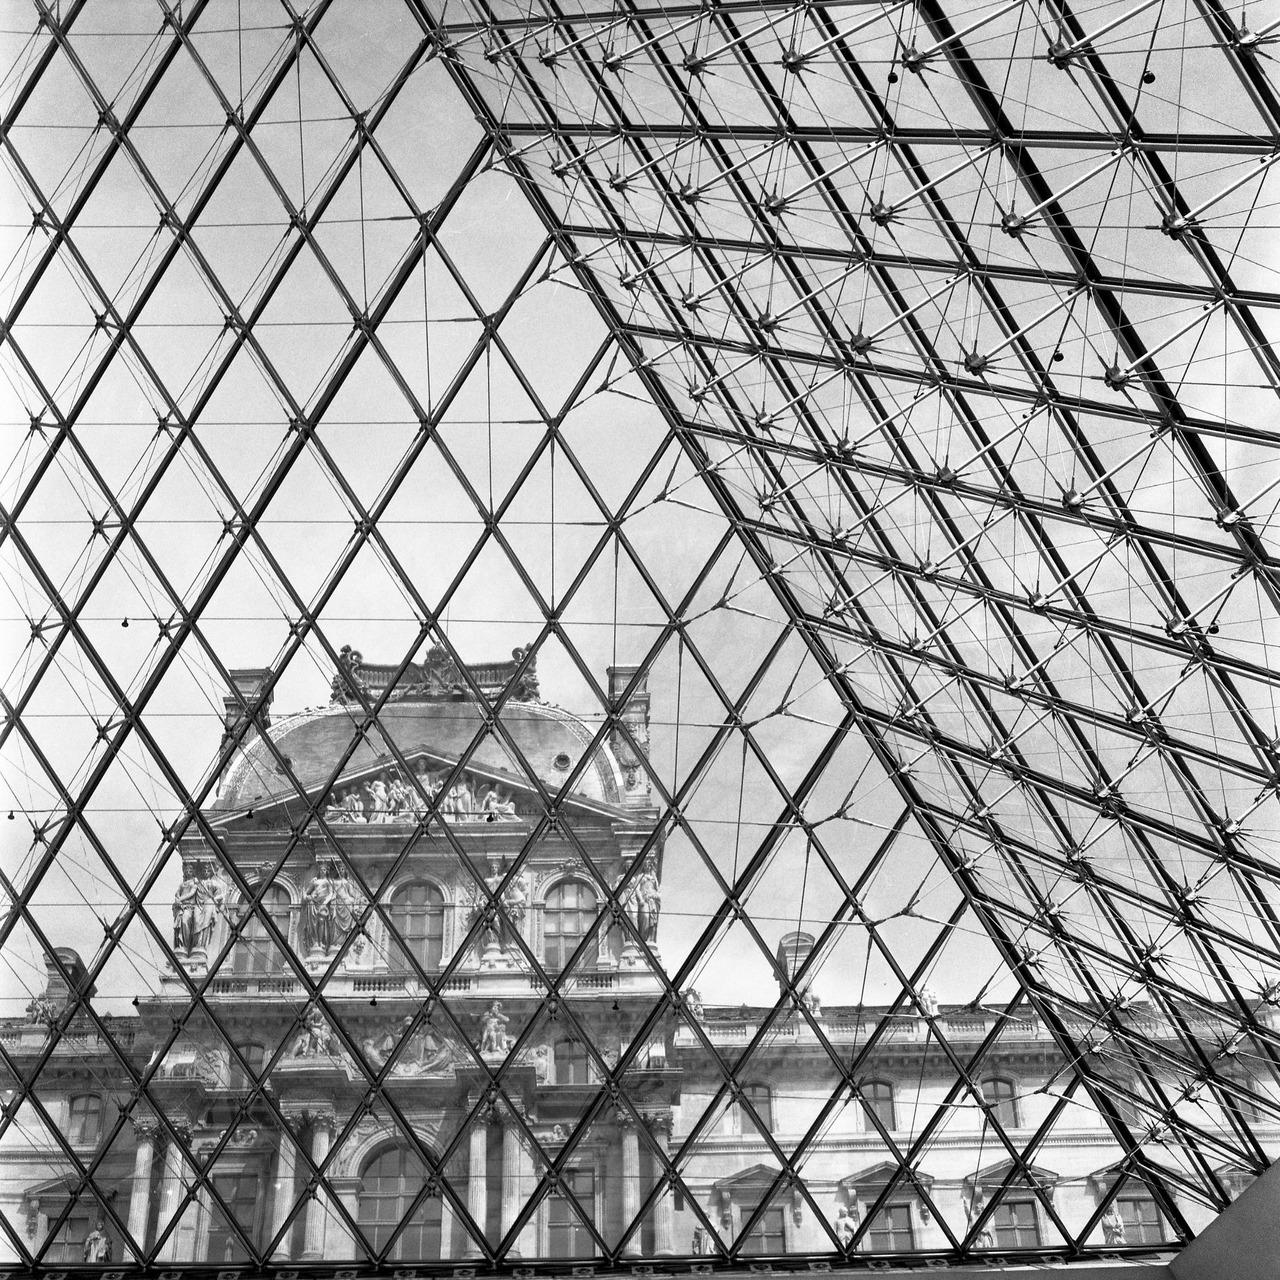 Paris, France | July, 2012